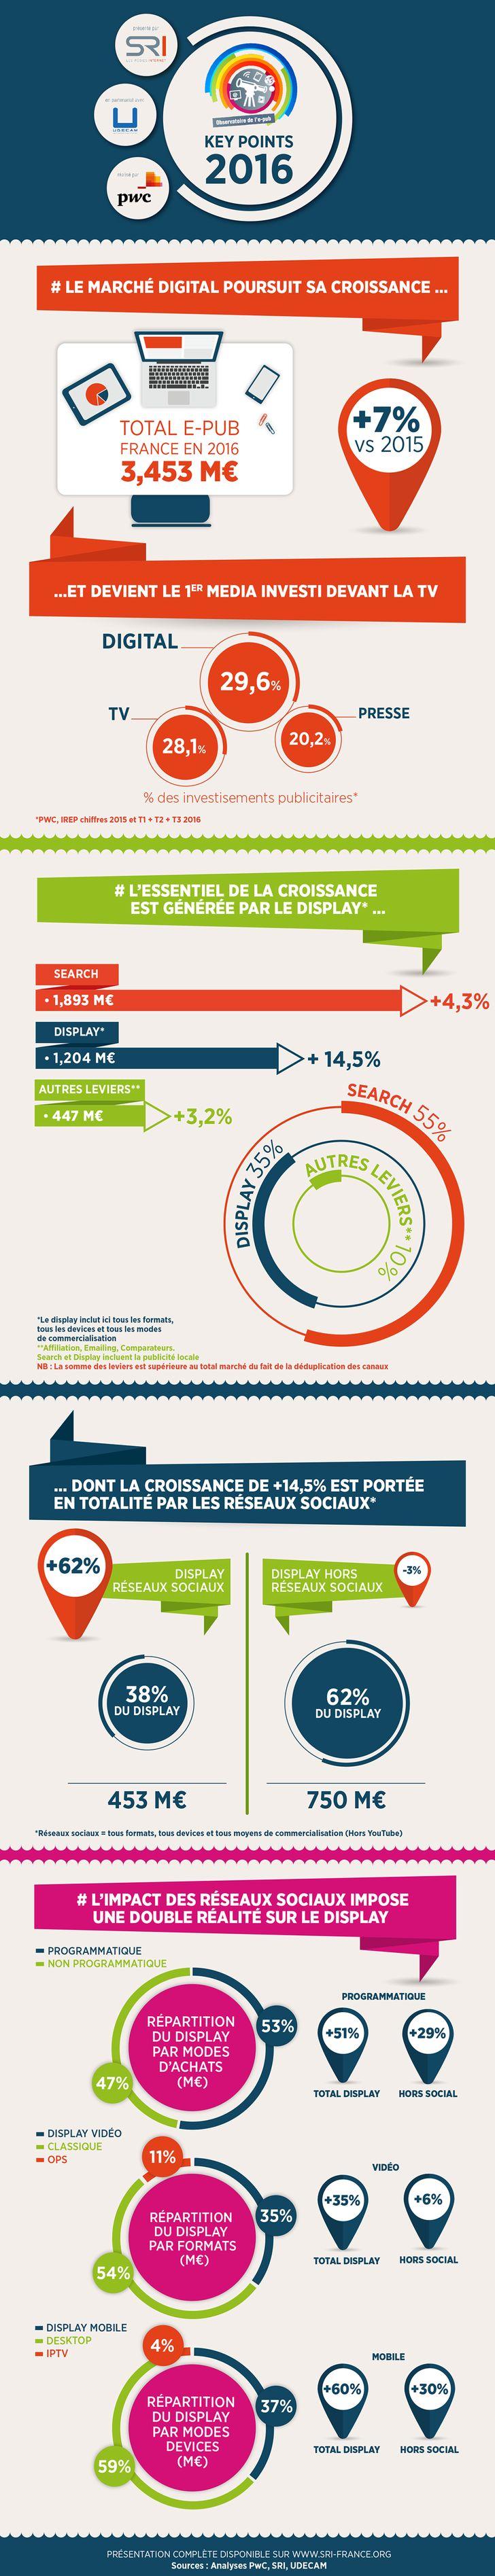 La publicité online : ce marché en mutation permanente - une étude complète et intéressante #pub #marketing   - margauxduprat.com -